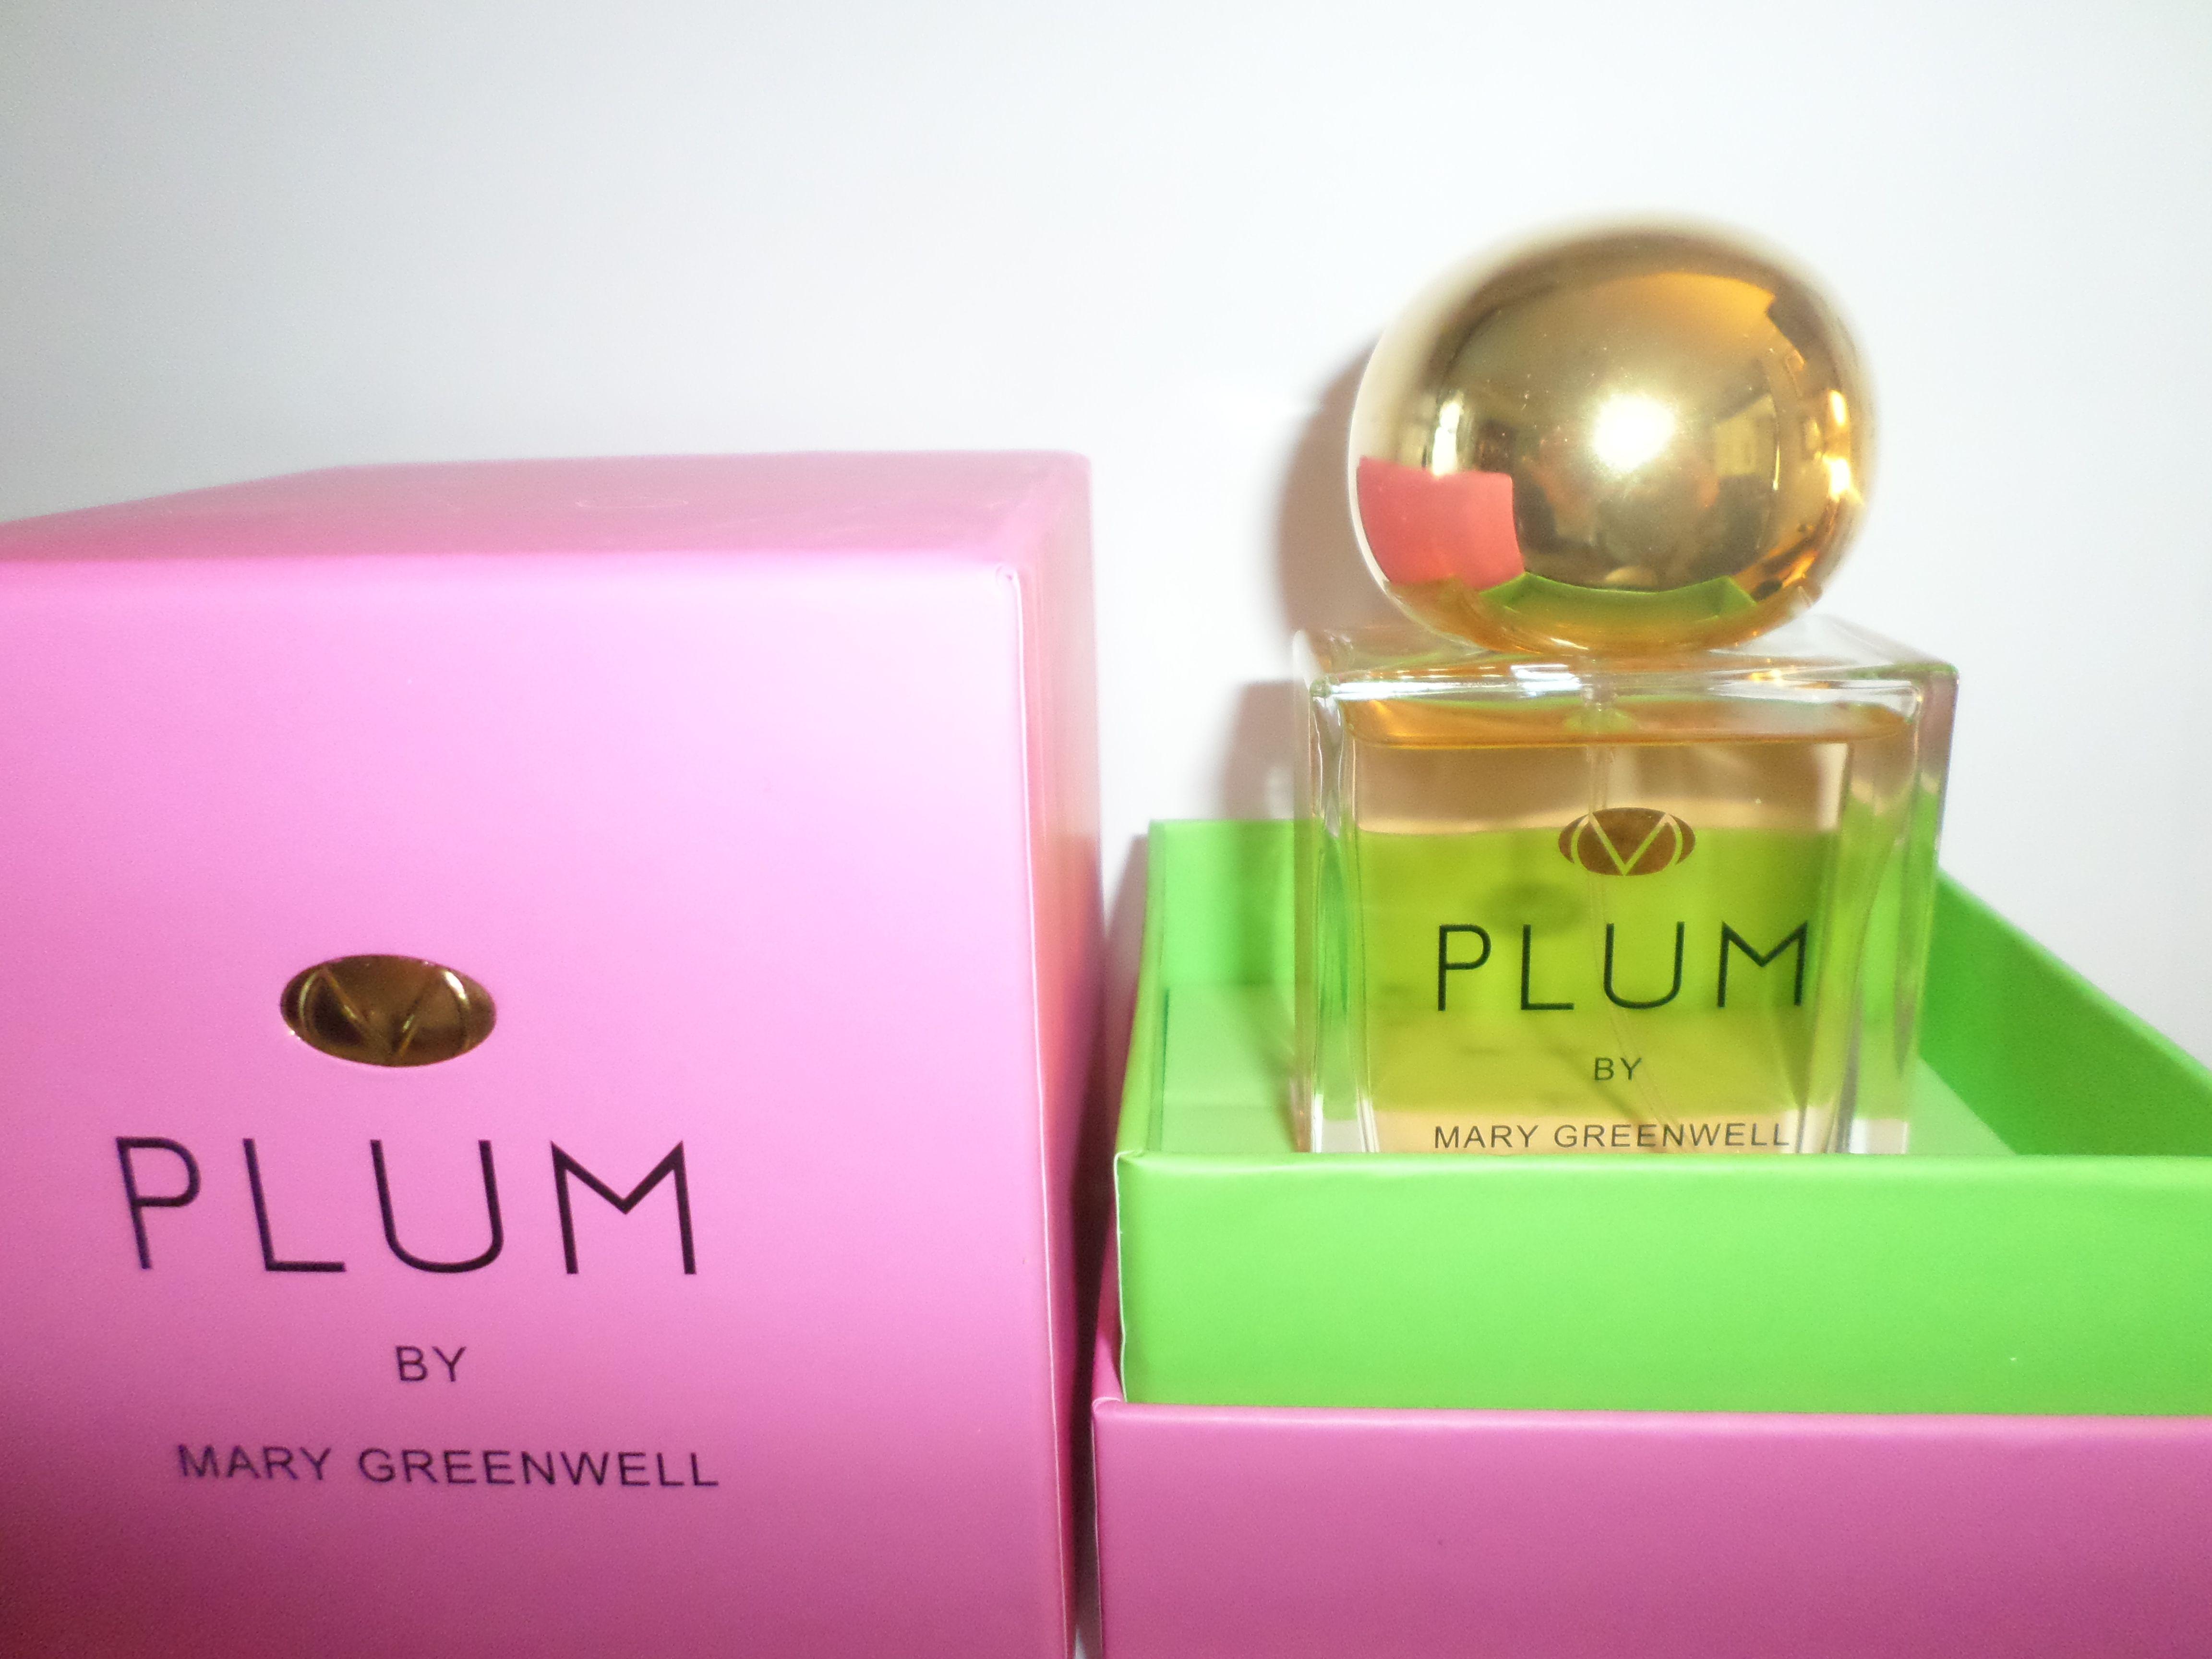 Mary greenwell perfume